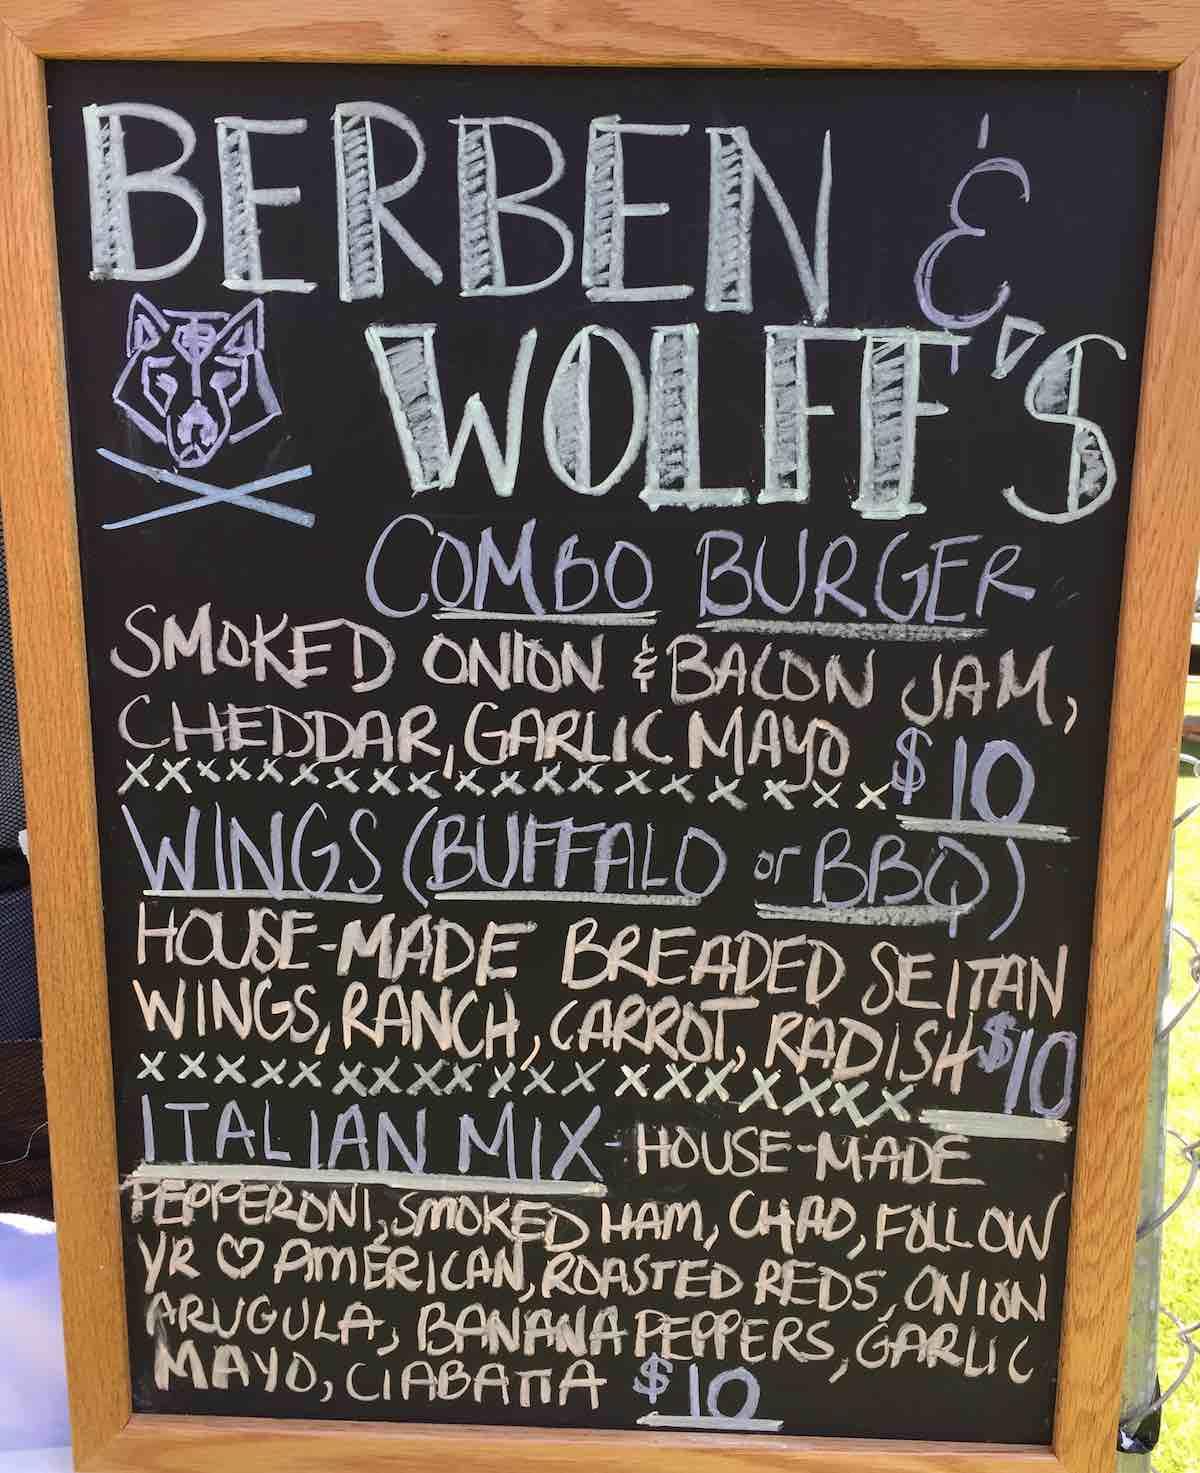 Berben & Wolff's